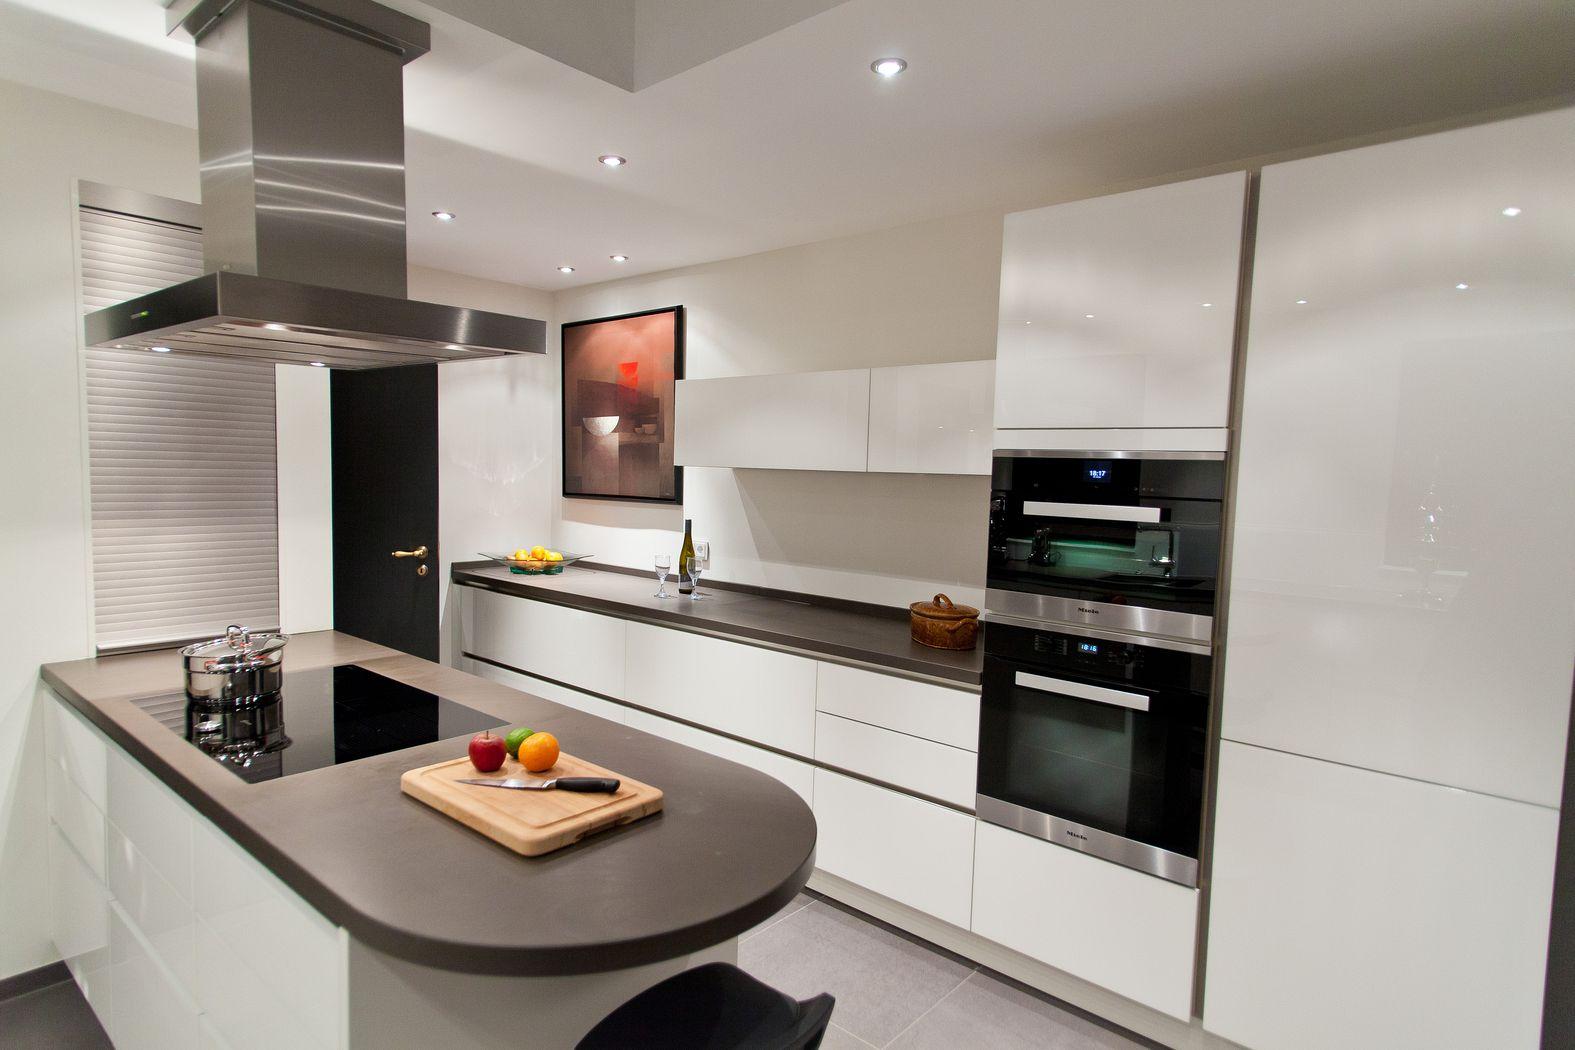 Küchenzeile modern hochglanz  Küchenblock Modern Hochglanz | kochkor.info